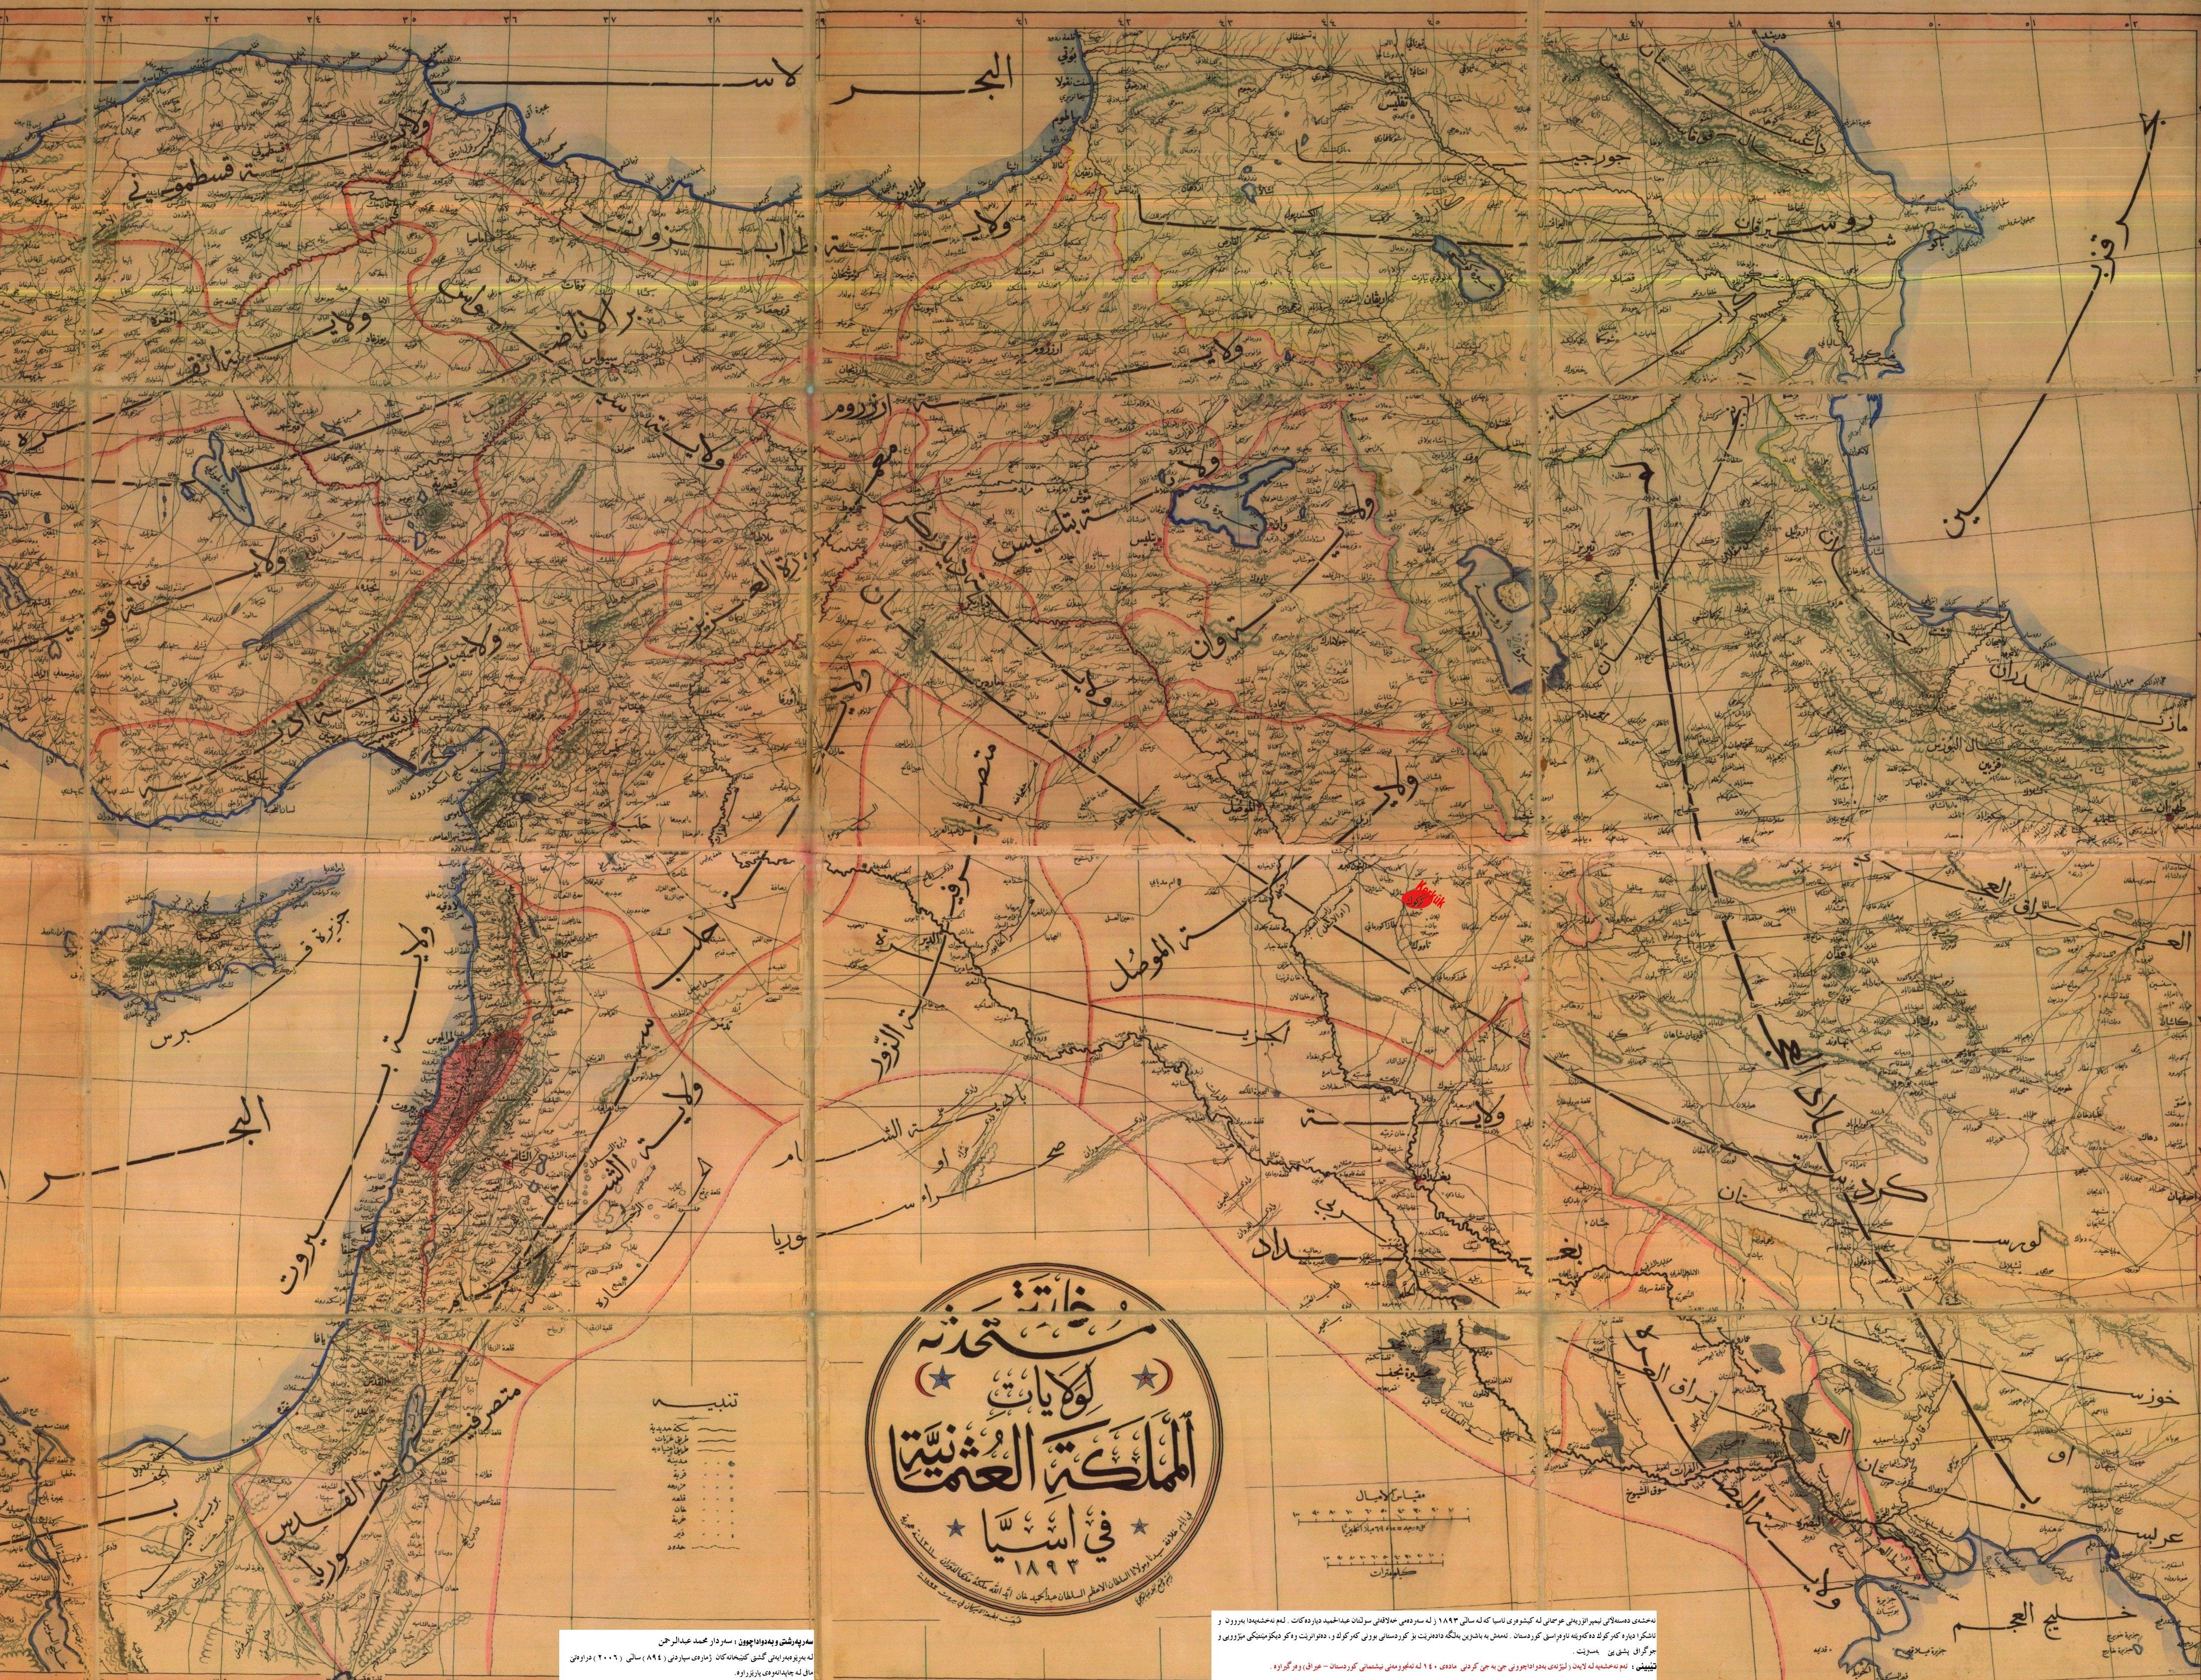 f25760c25 سوريا العثمانية - ويكيبيديا، الموسوعة الحرة